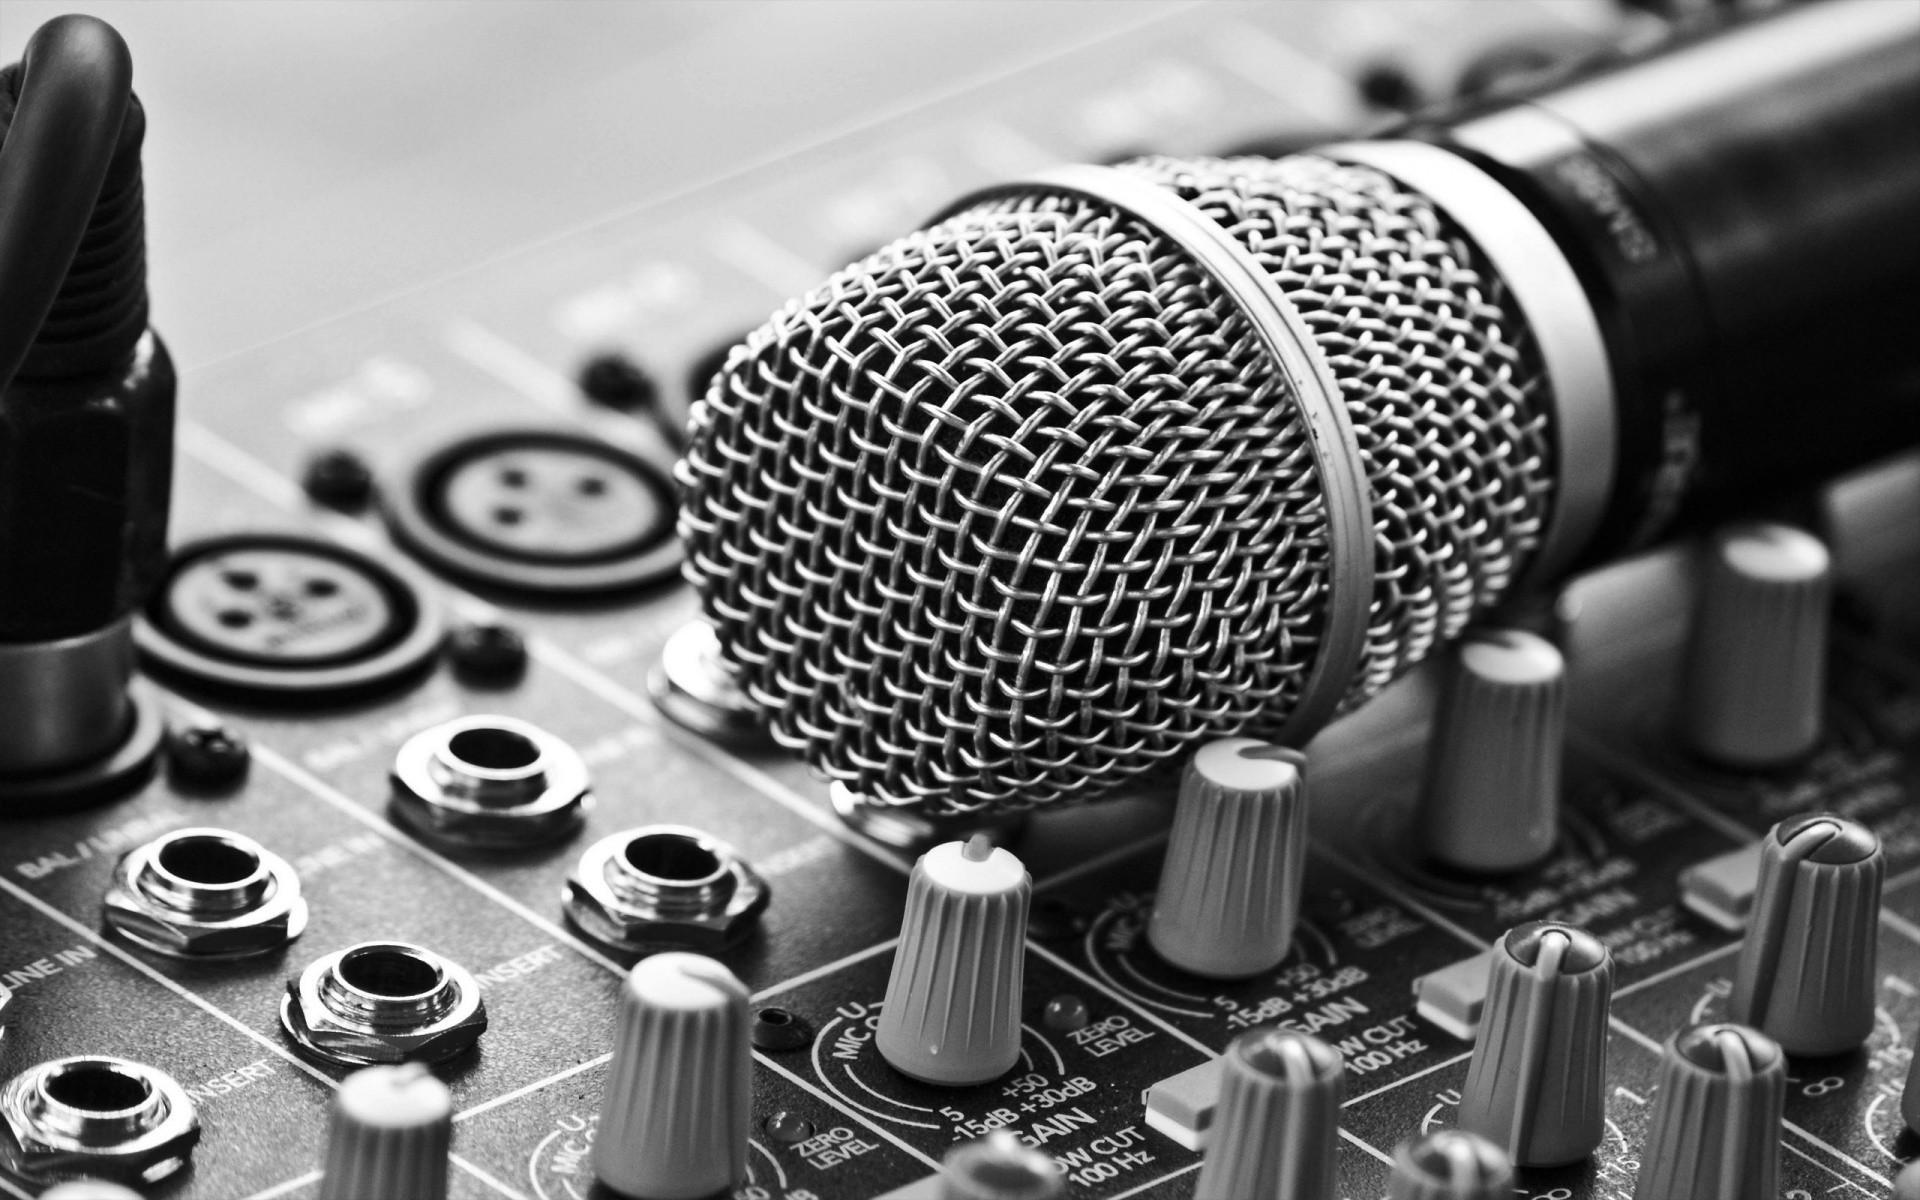 #mic #mixer #dj #djwallpaper · Mixer DjFull Hd Pictures